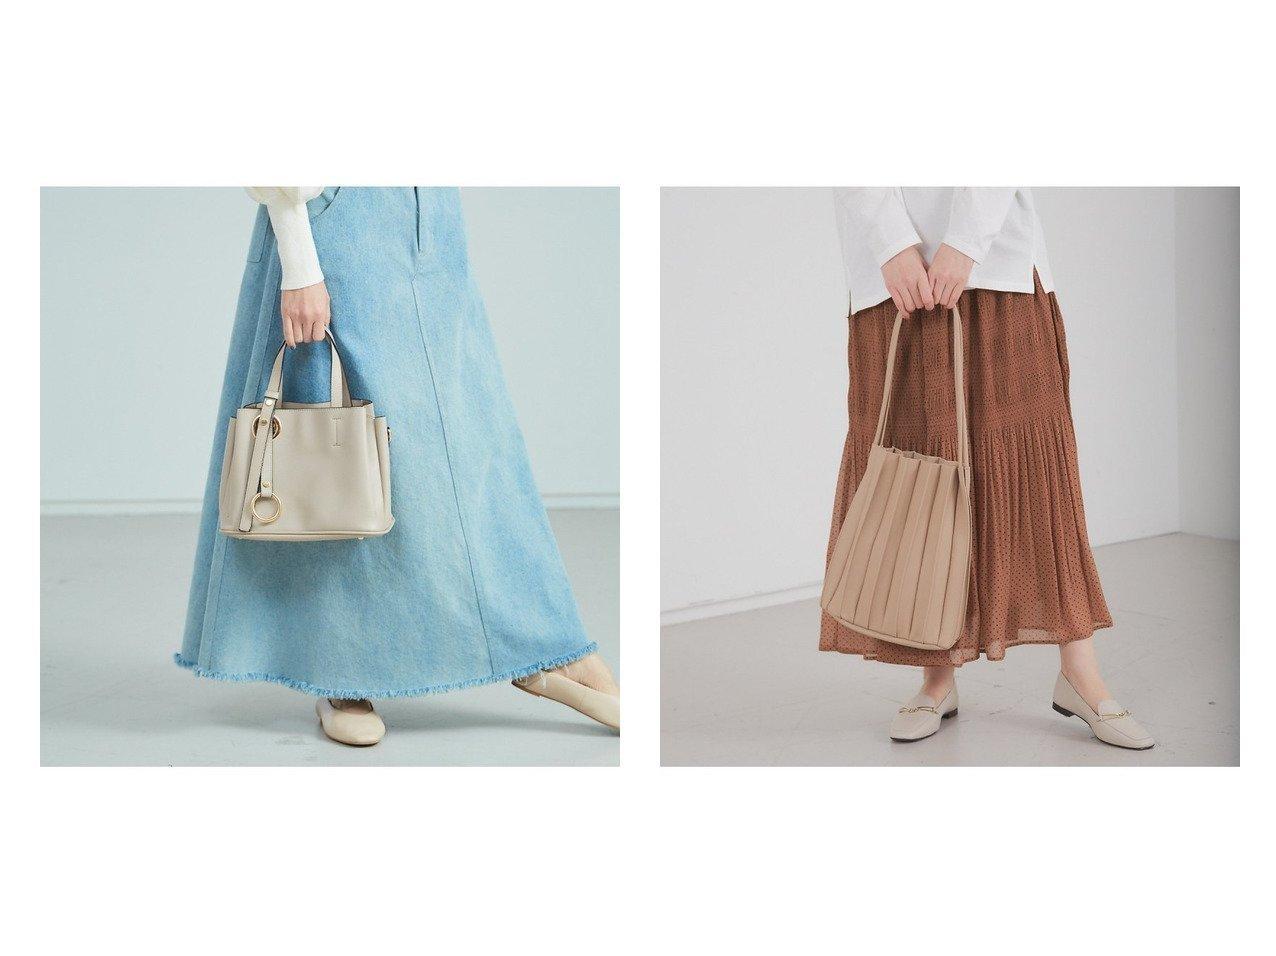 【Rouge vif la cle/ルージュヴィフラクレ】の【Avancer】2wayリングタッセル付きハンドバッグ&【Avancer】ポーチ付き/フェイクレザープリーツトートバッグ バッグ・鞄のおすすめ!人気、トレンド・レディースファッションの通販 おすすめで人気の流行・トレンド、ファッションの通販商品 メンズファッション・キッズファッション・インテリア・家具・レディースファッション・服の通販 founy(ファニー) https://founy.com/ ファッション Fashion レディースファッション WOMEN バッグ Bag ポーチ Pouches ショルダー シンプル トレンド ハンドバッグ パーティ ベーシック ポケット フェイクレザー プリーツ ポーチ 巾着 |ID:crp329100000015831